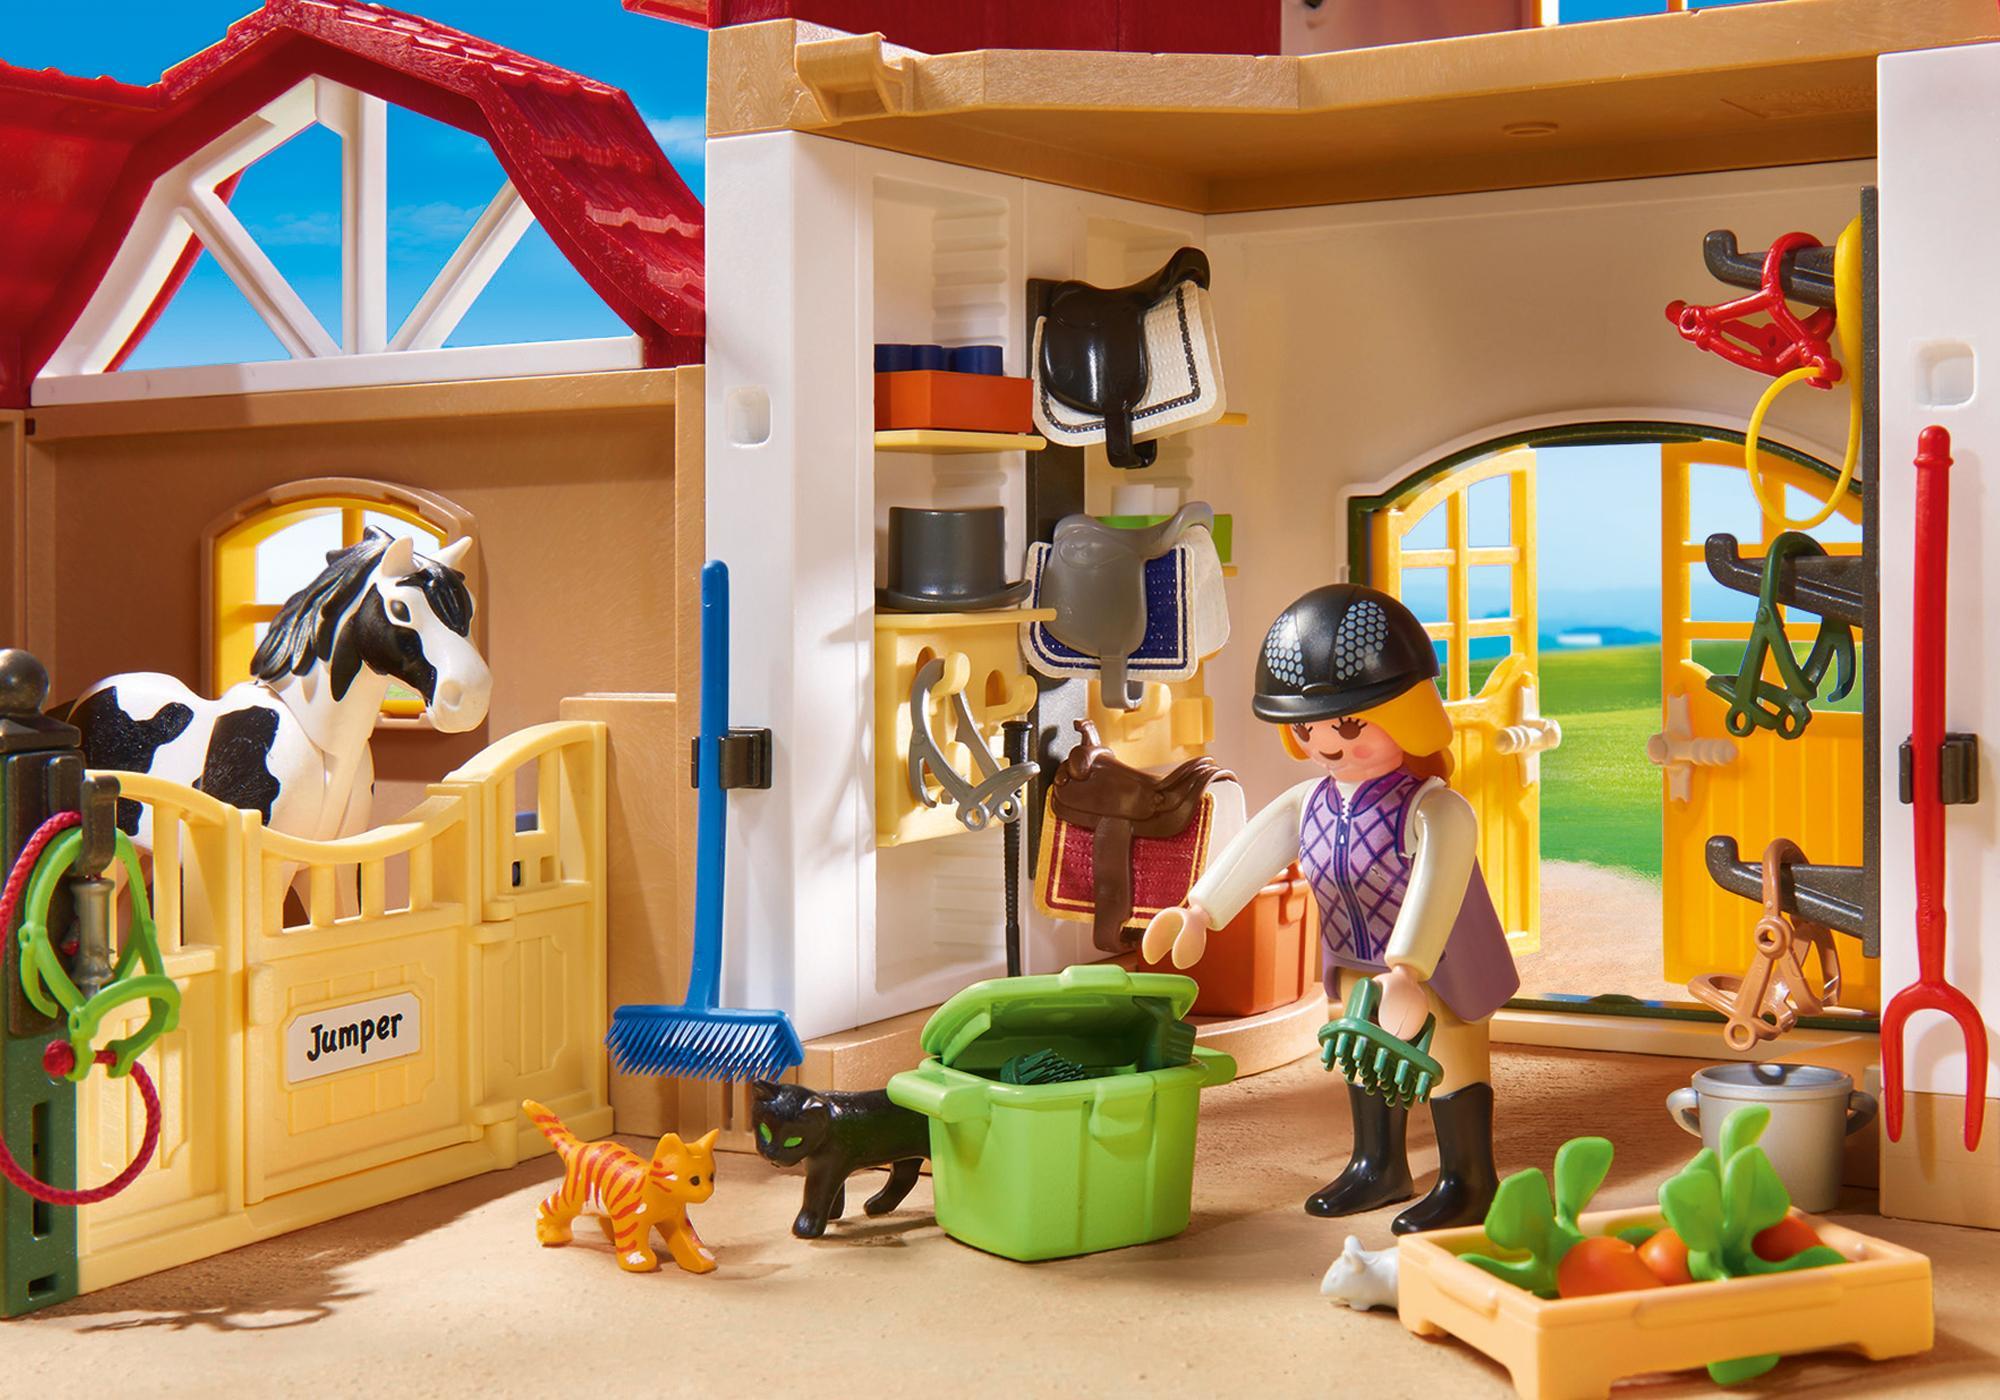 http://media.playmobil.com/i/playmobil/6926_product_extra3/Större ridanläggning